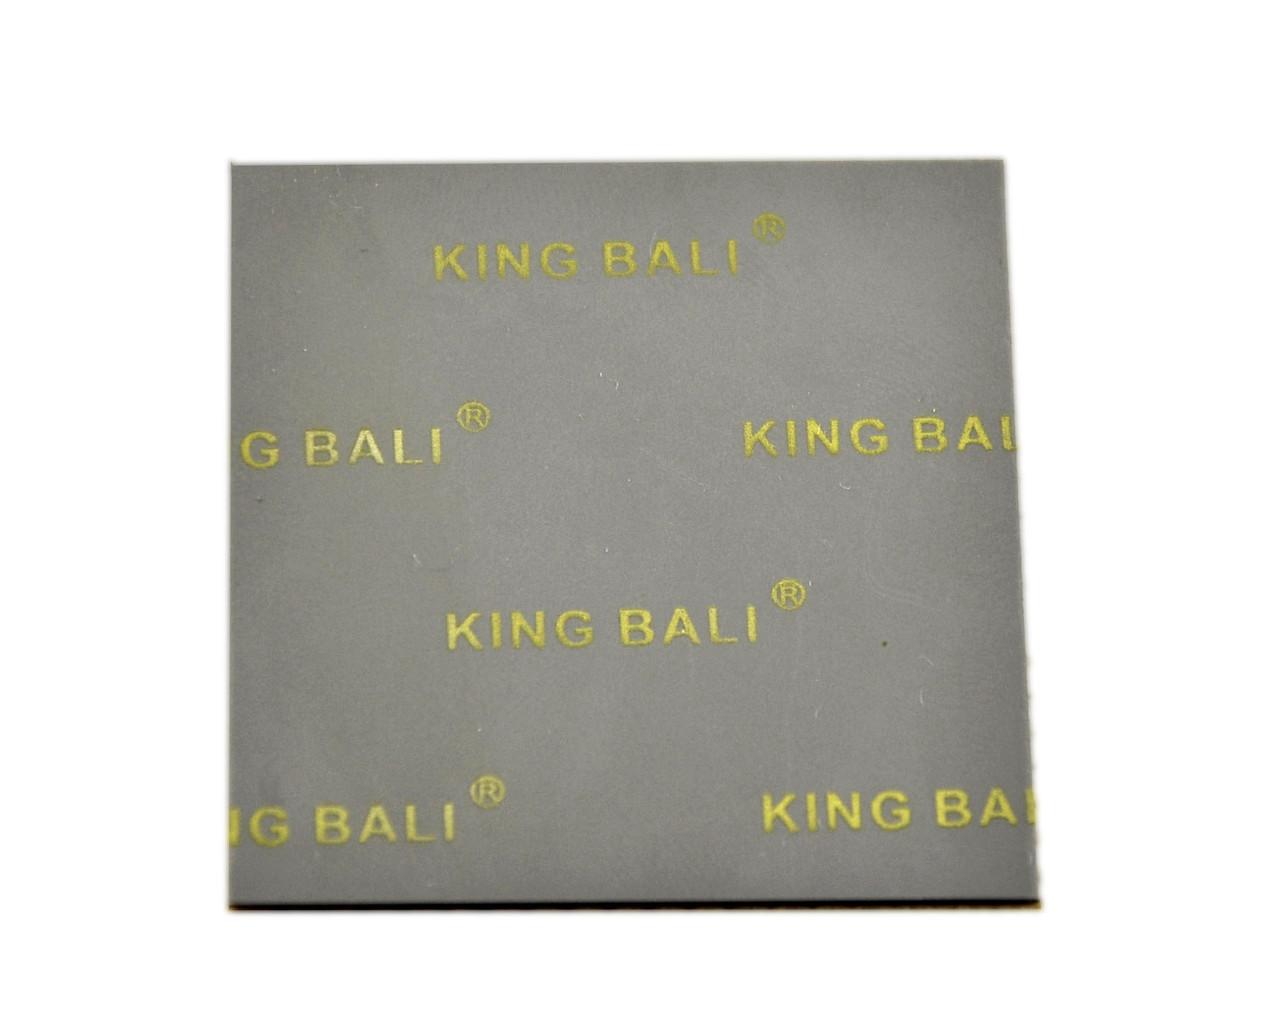 Термопрокладка KingBali DG 1.0 мм 40х40 серая 4W термоинтерфейс (TPr-KB4DG 1.0-40)